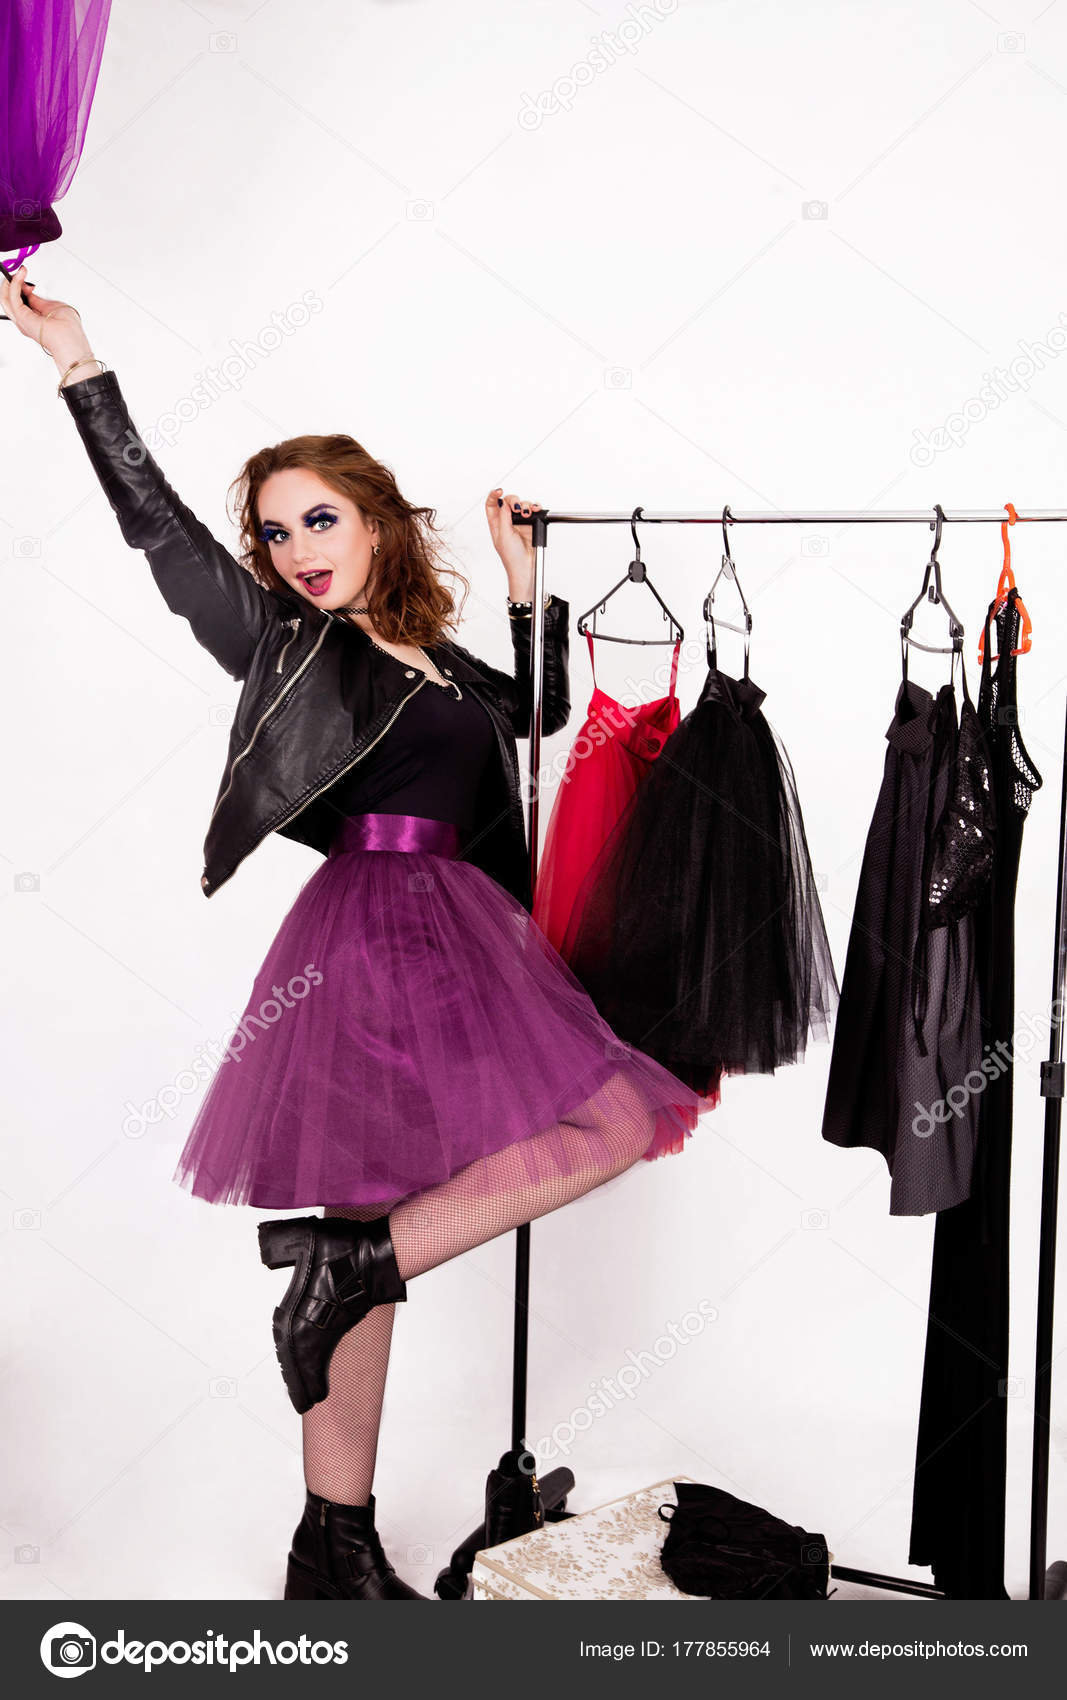 più recente 1614e 587c1 Una ragazza felice nello stile del rock sceglie i vestiti ...